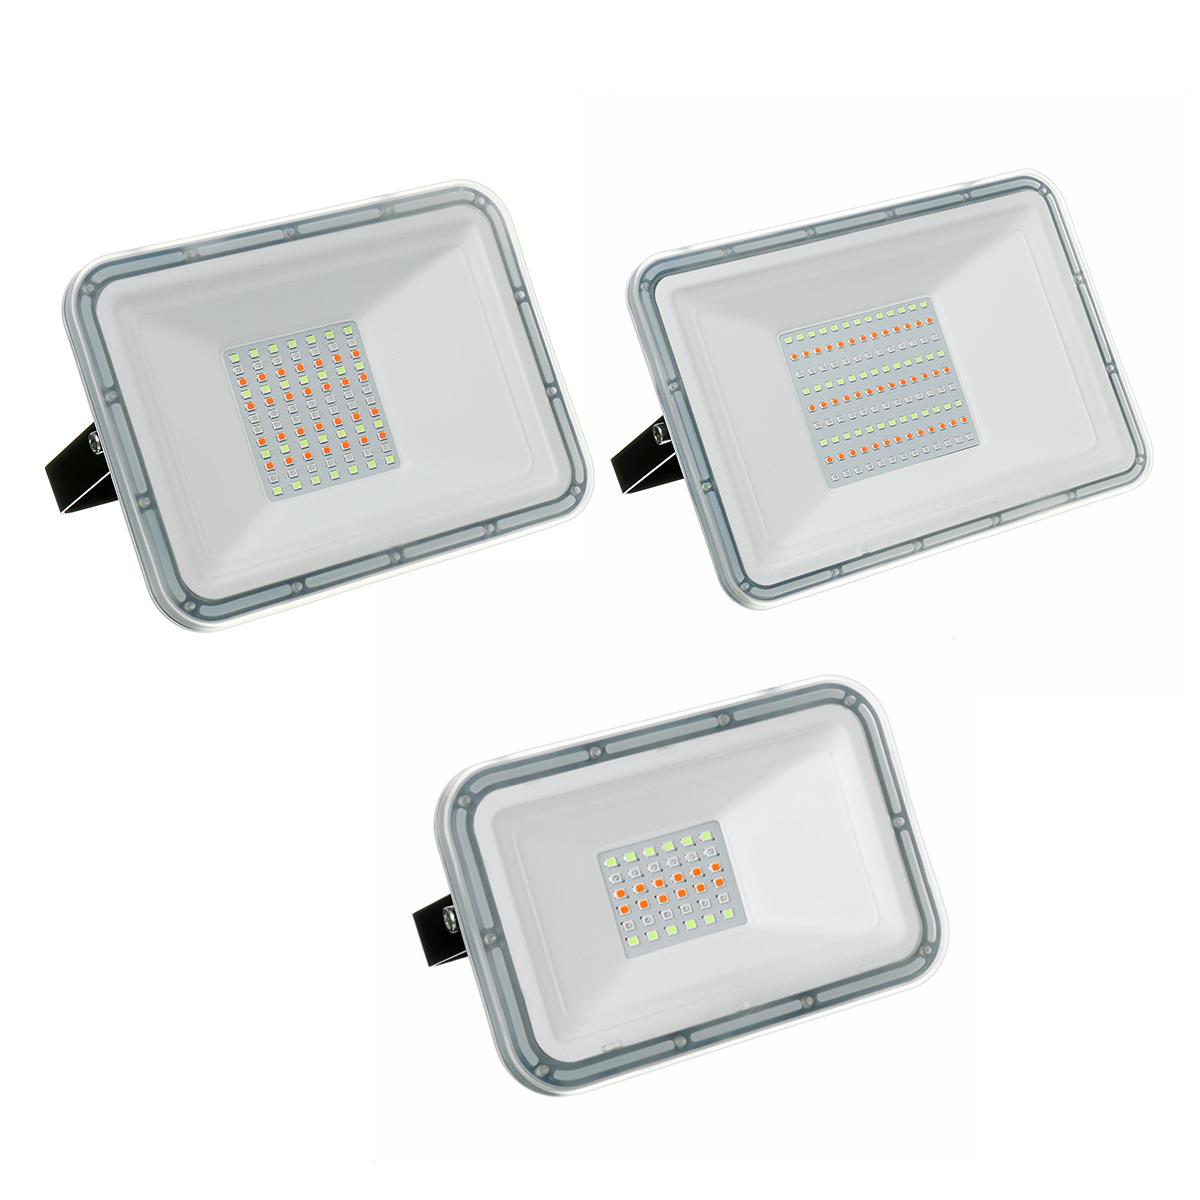 Вт / 75 Вт / 150 Вт RGB LED Прожектор На открытом воздухе Прожектор безопасности Водонепроницаемы Лампа